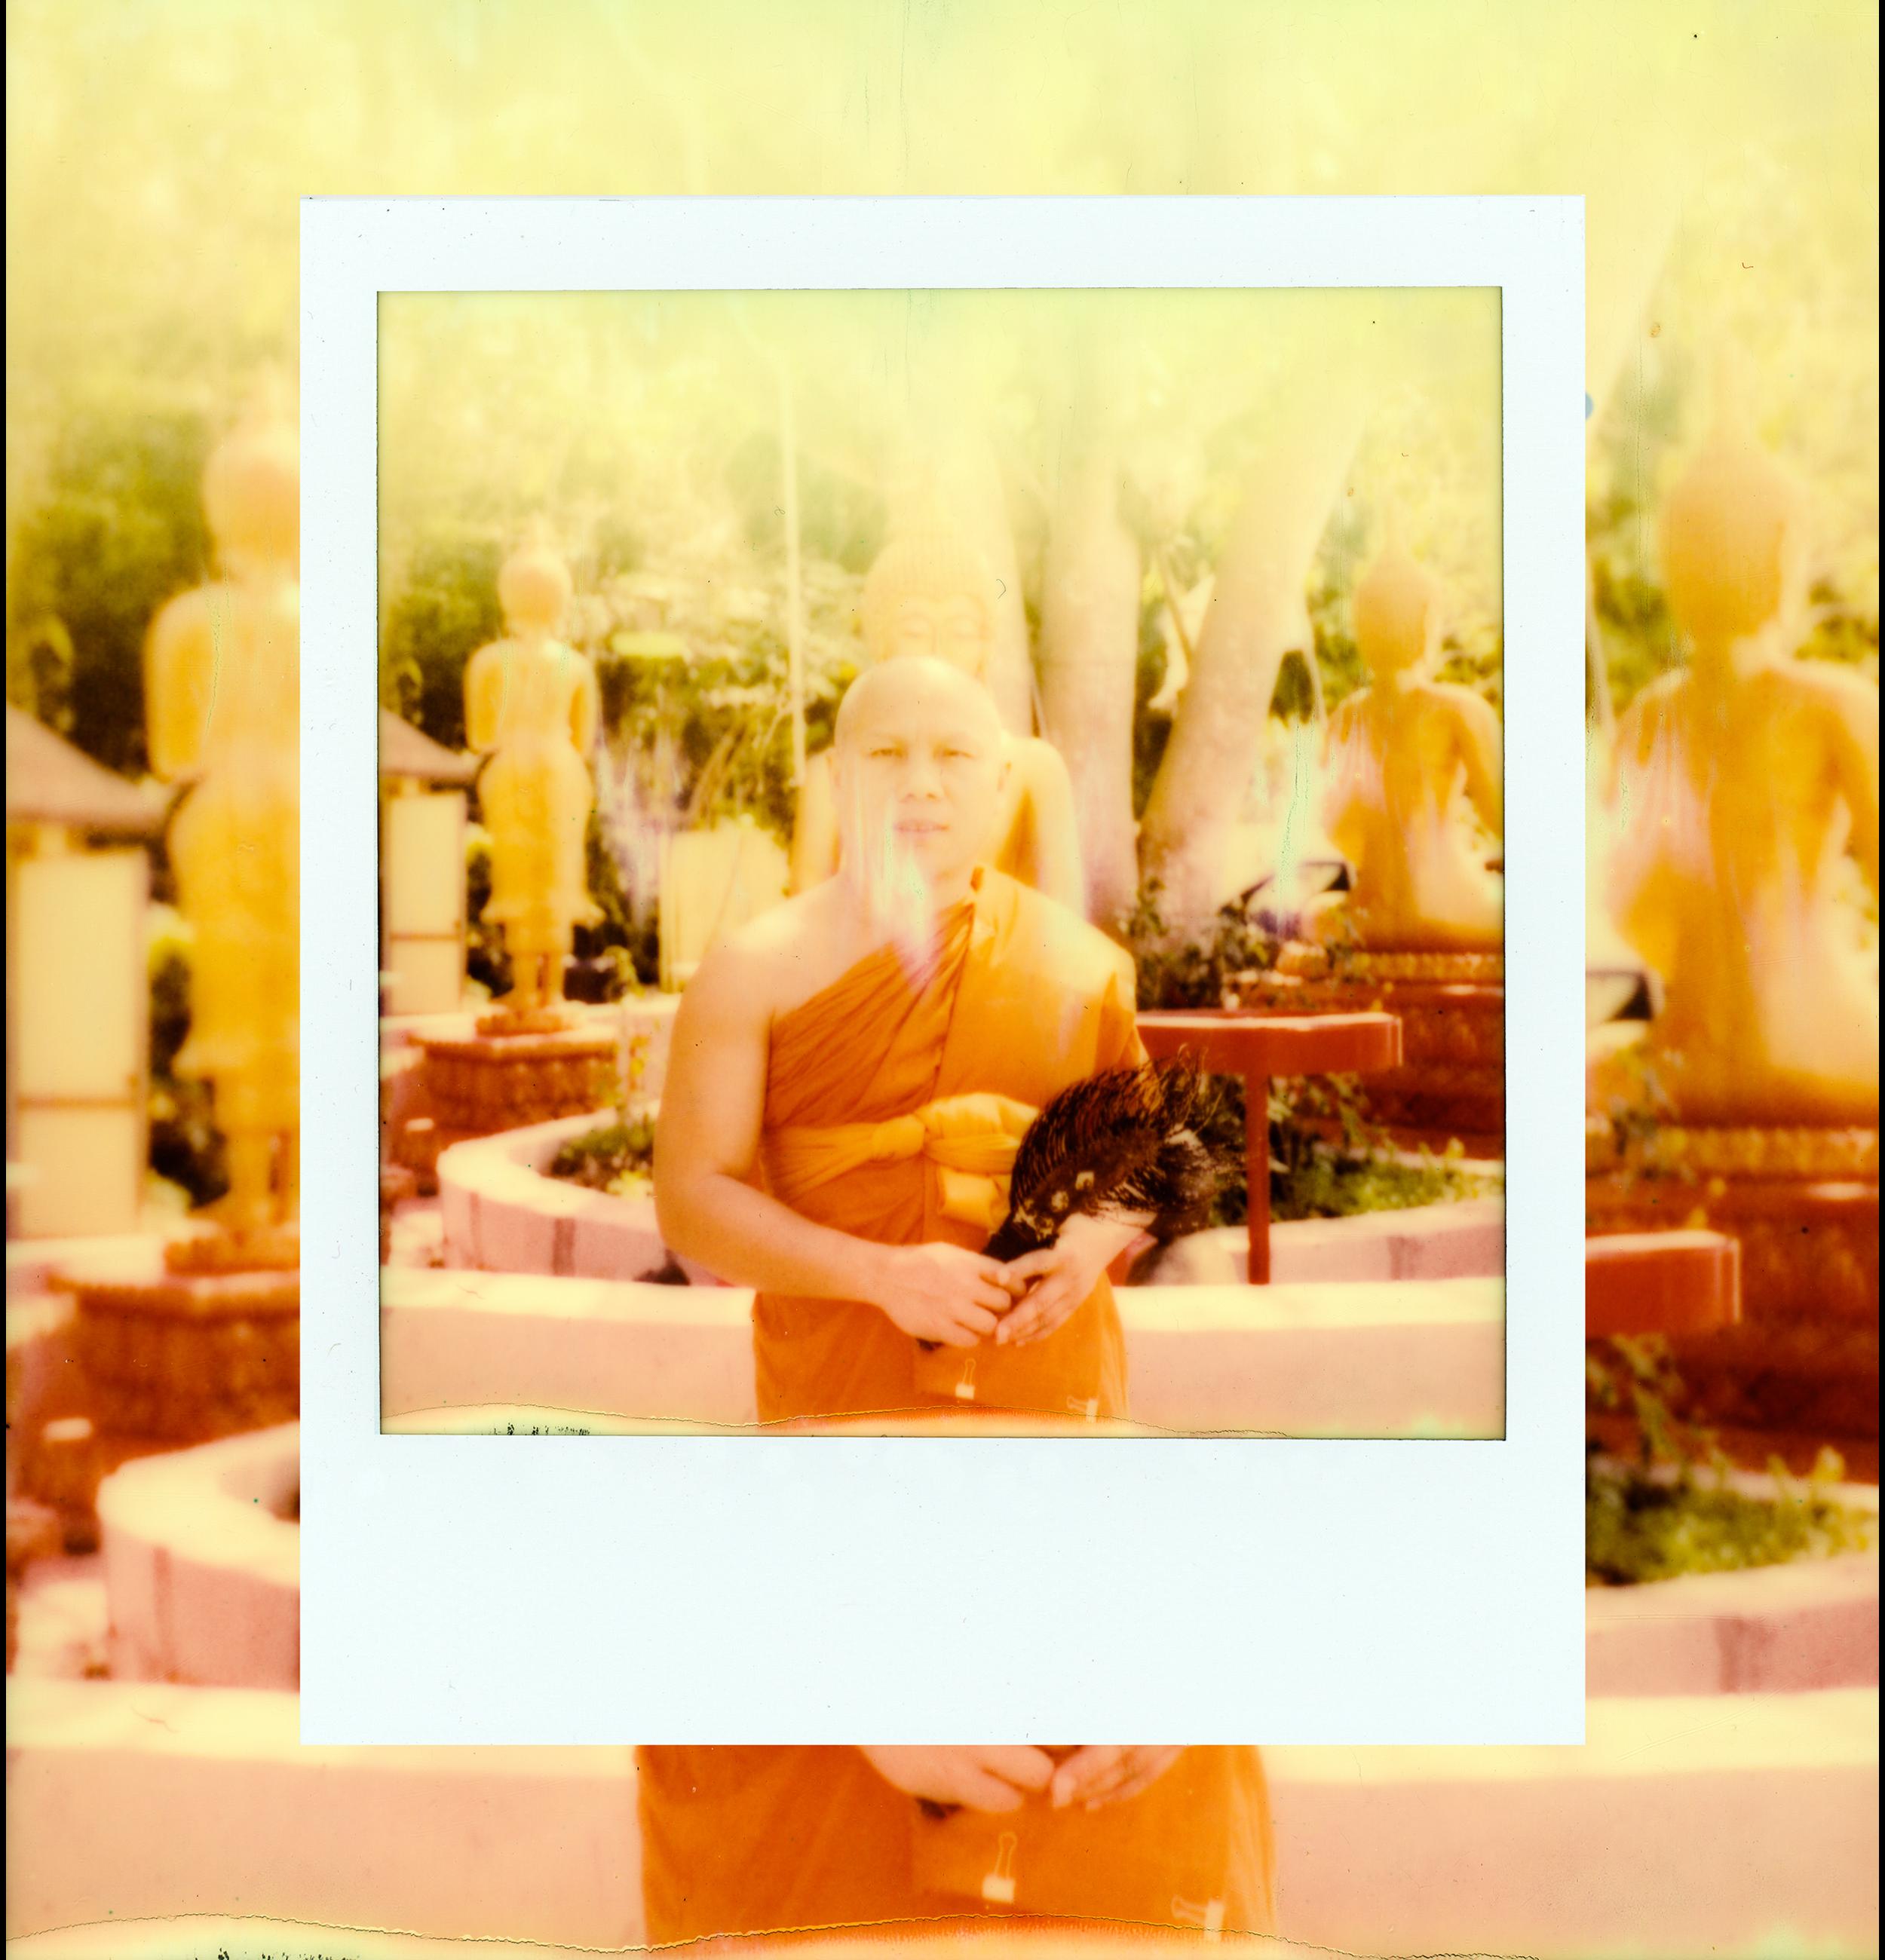 monk_Polaroid_Upfull_InnerG_70085-2.png